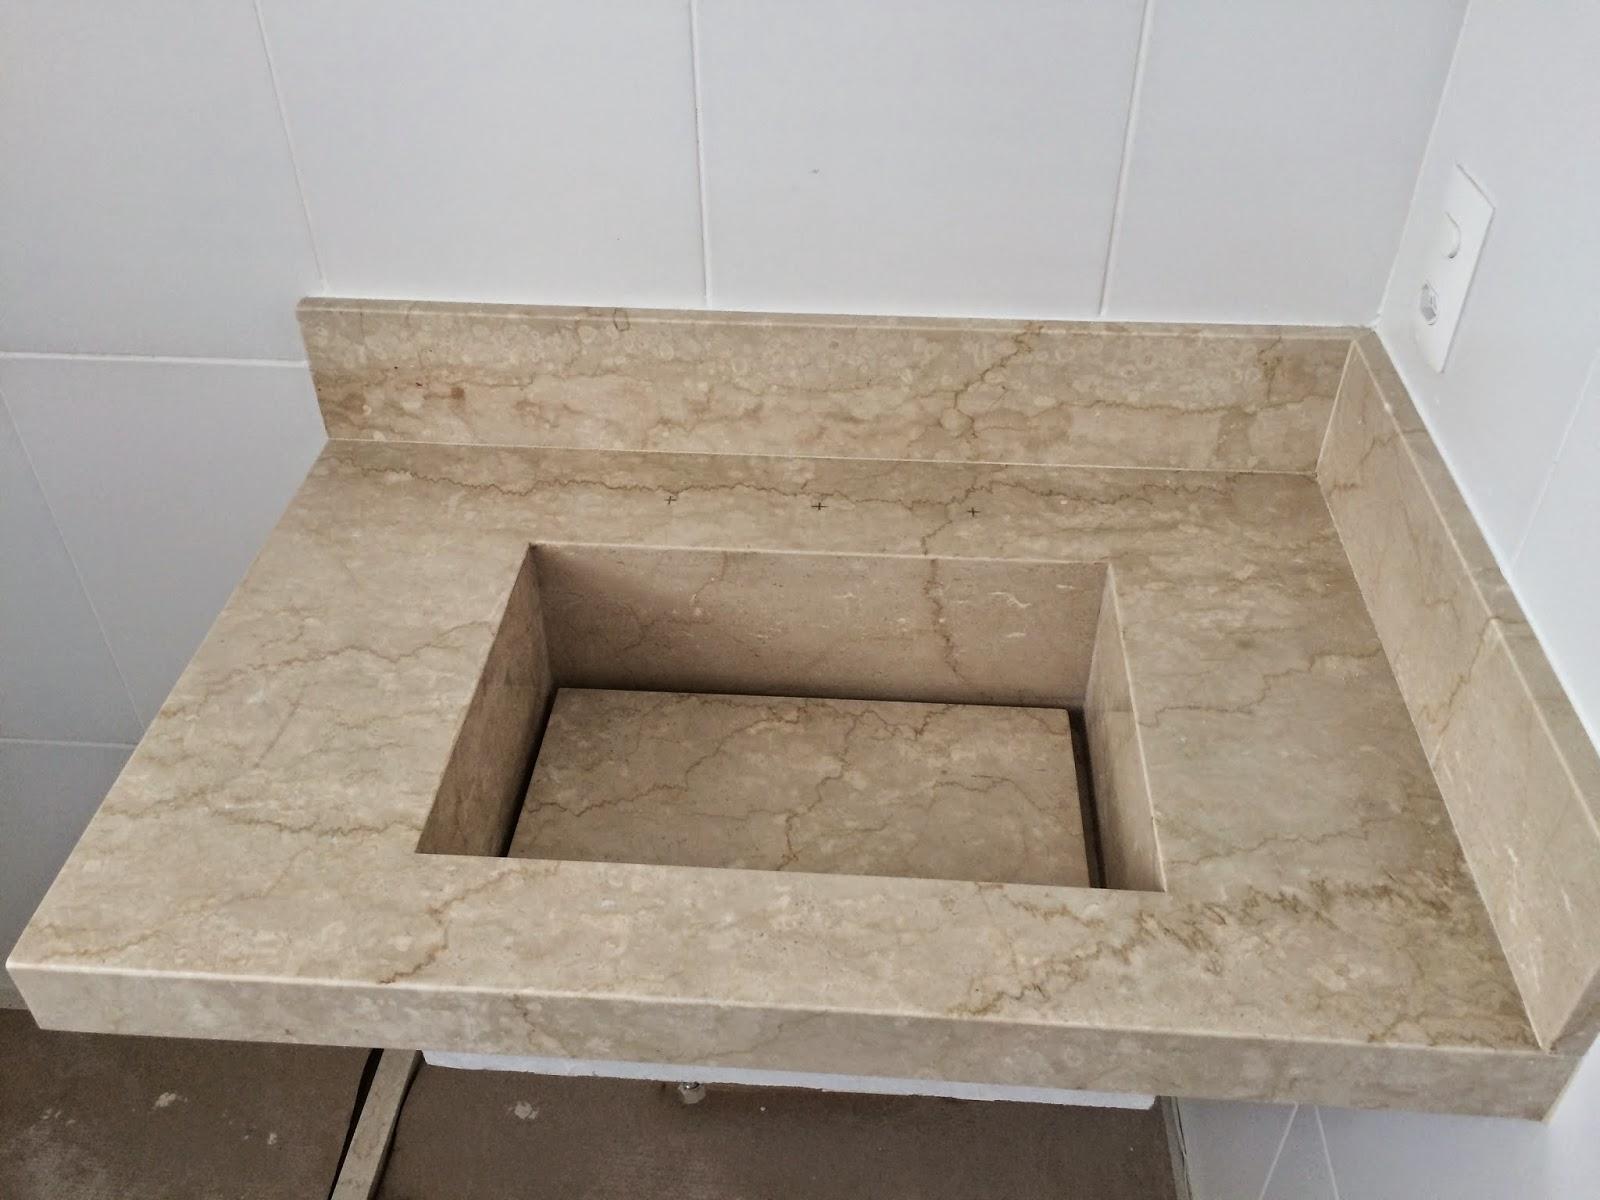 esculpida no próprio mármore o quedeu um charme a mais na bancada #74614C 1600x1200 Bancada Banheiro Saia